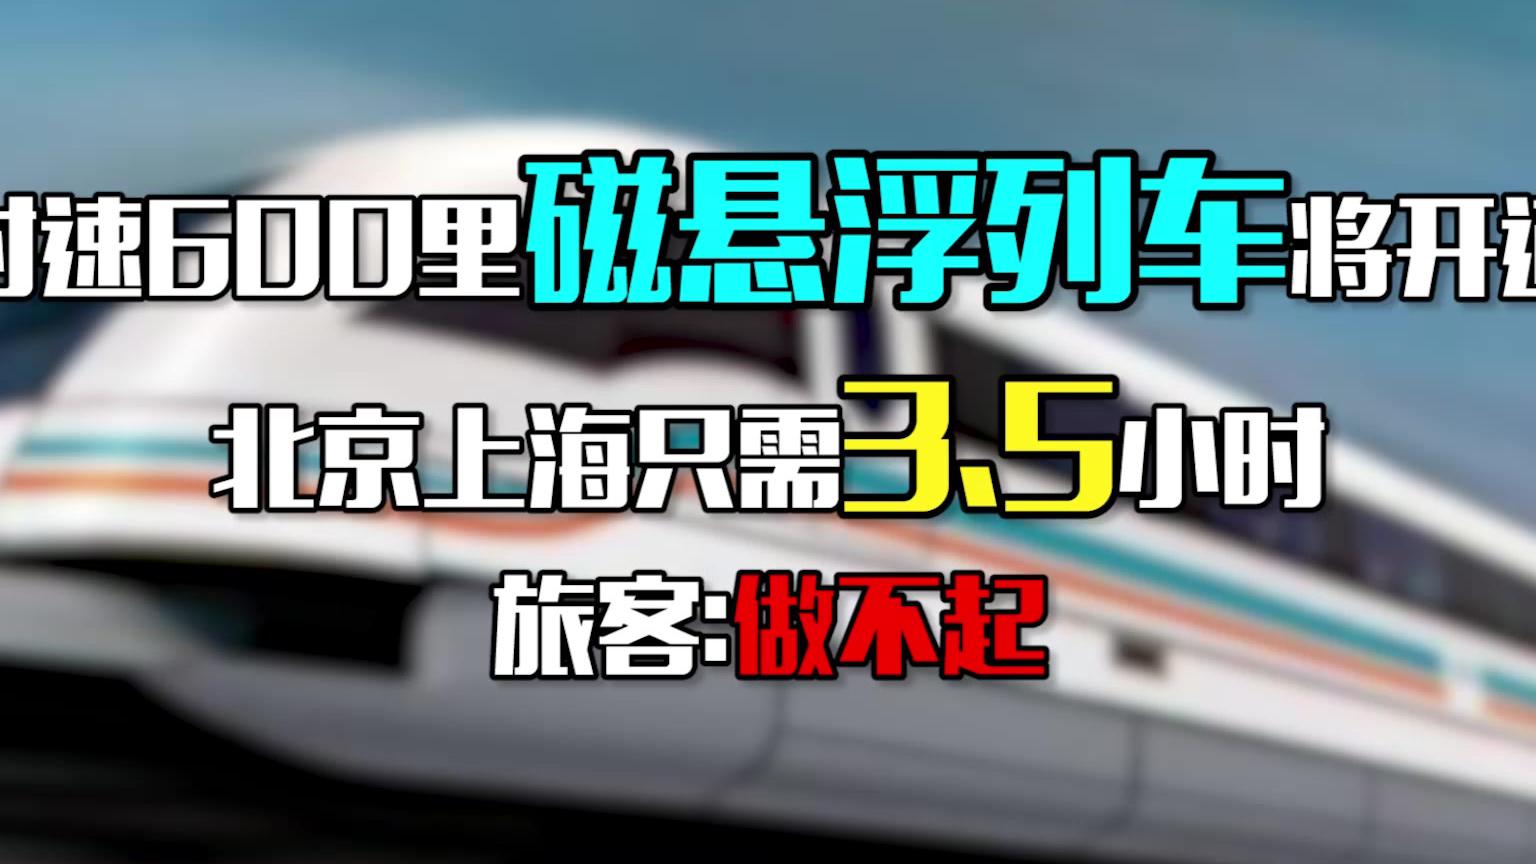 时速600里磁悬浮列车将开通 北京上海只需3.5小时 旅客:做不起